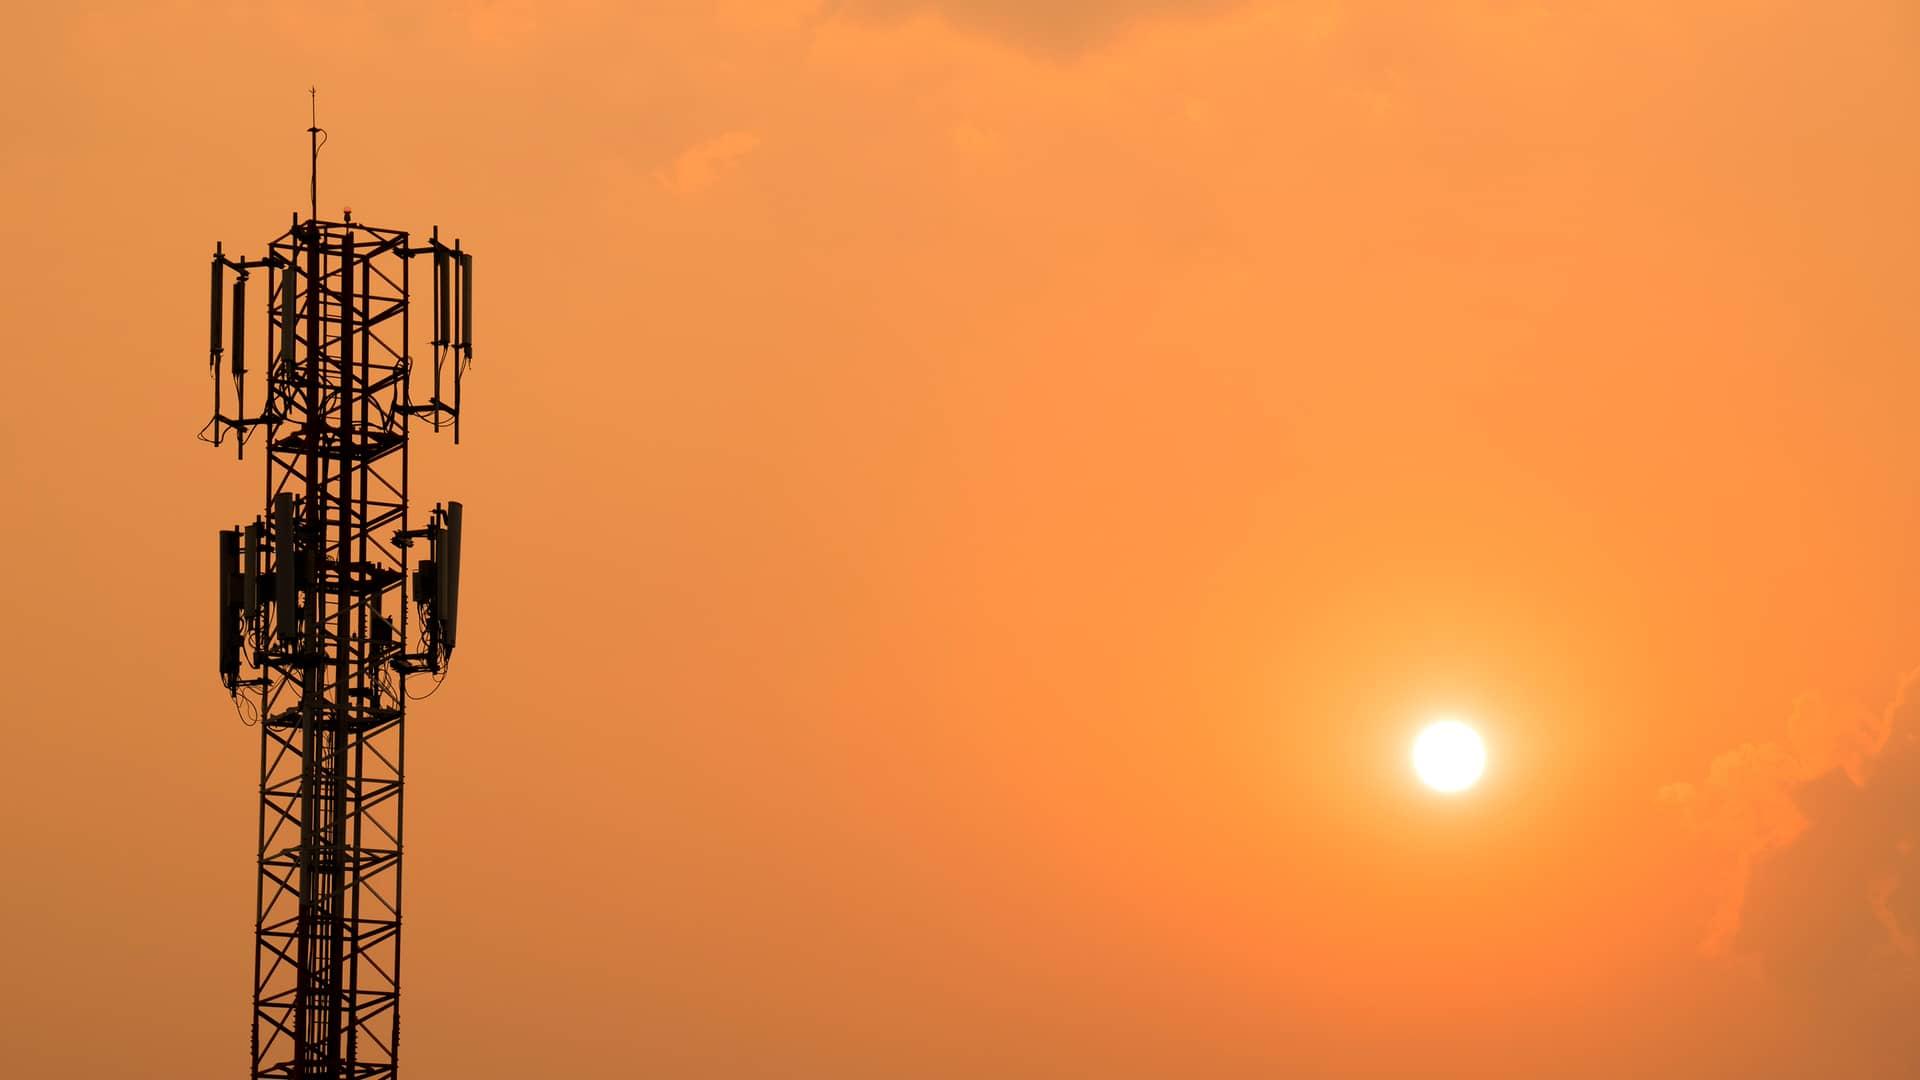 Antena telefónica en puesta de sol representa cobertura 5g orange